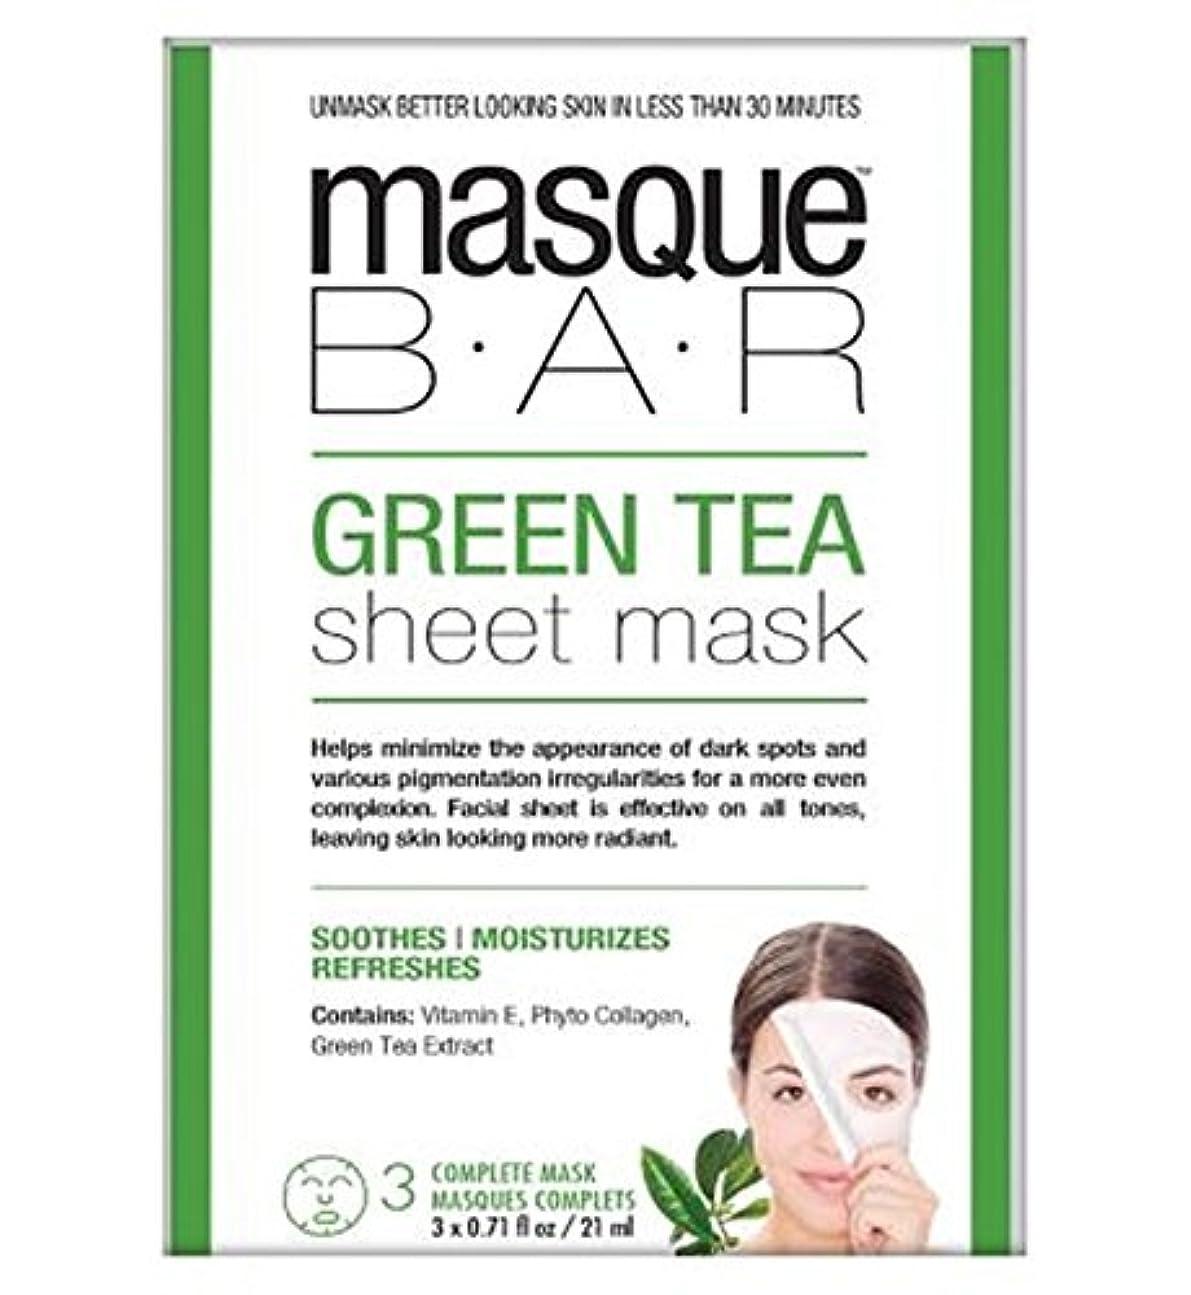 仮面劇バー緑茶シートマスク - 3完全なマスク (P6B Masque Bar Bt) (x2) - Masque Bar Green Tea Sheet Mask - 3 complete masks (Pack of...